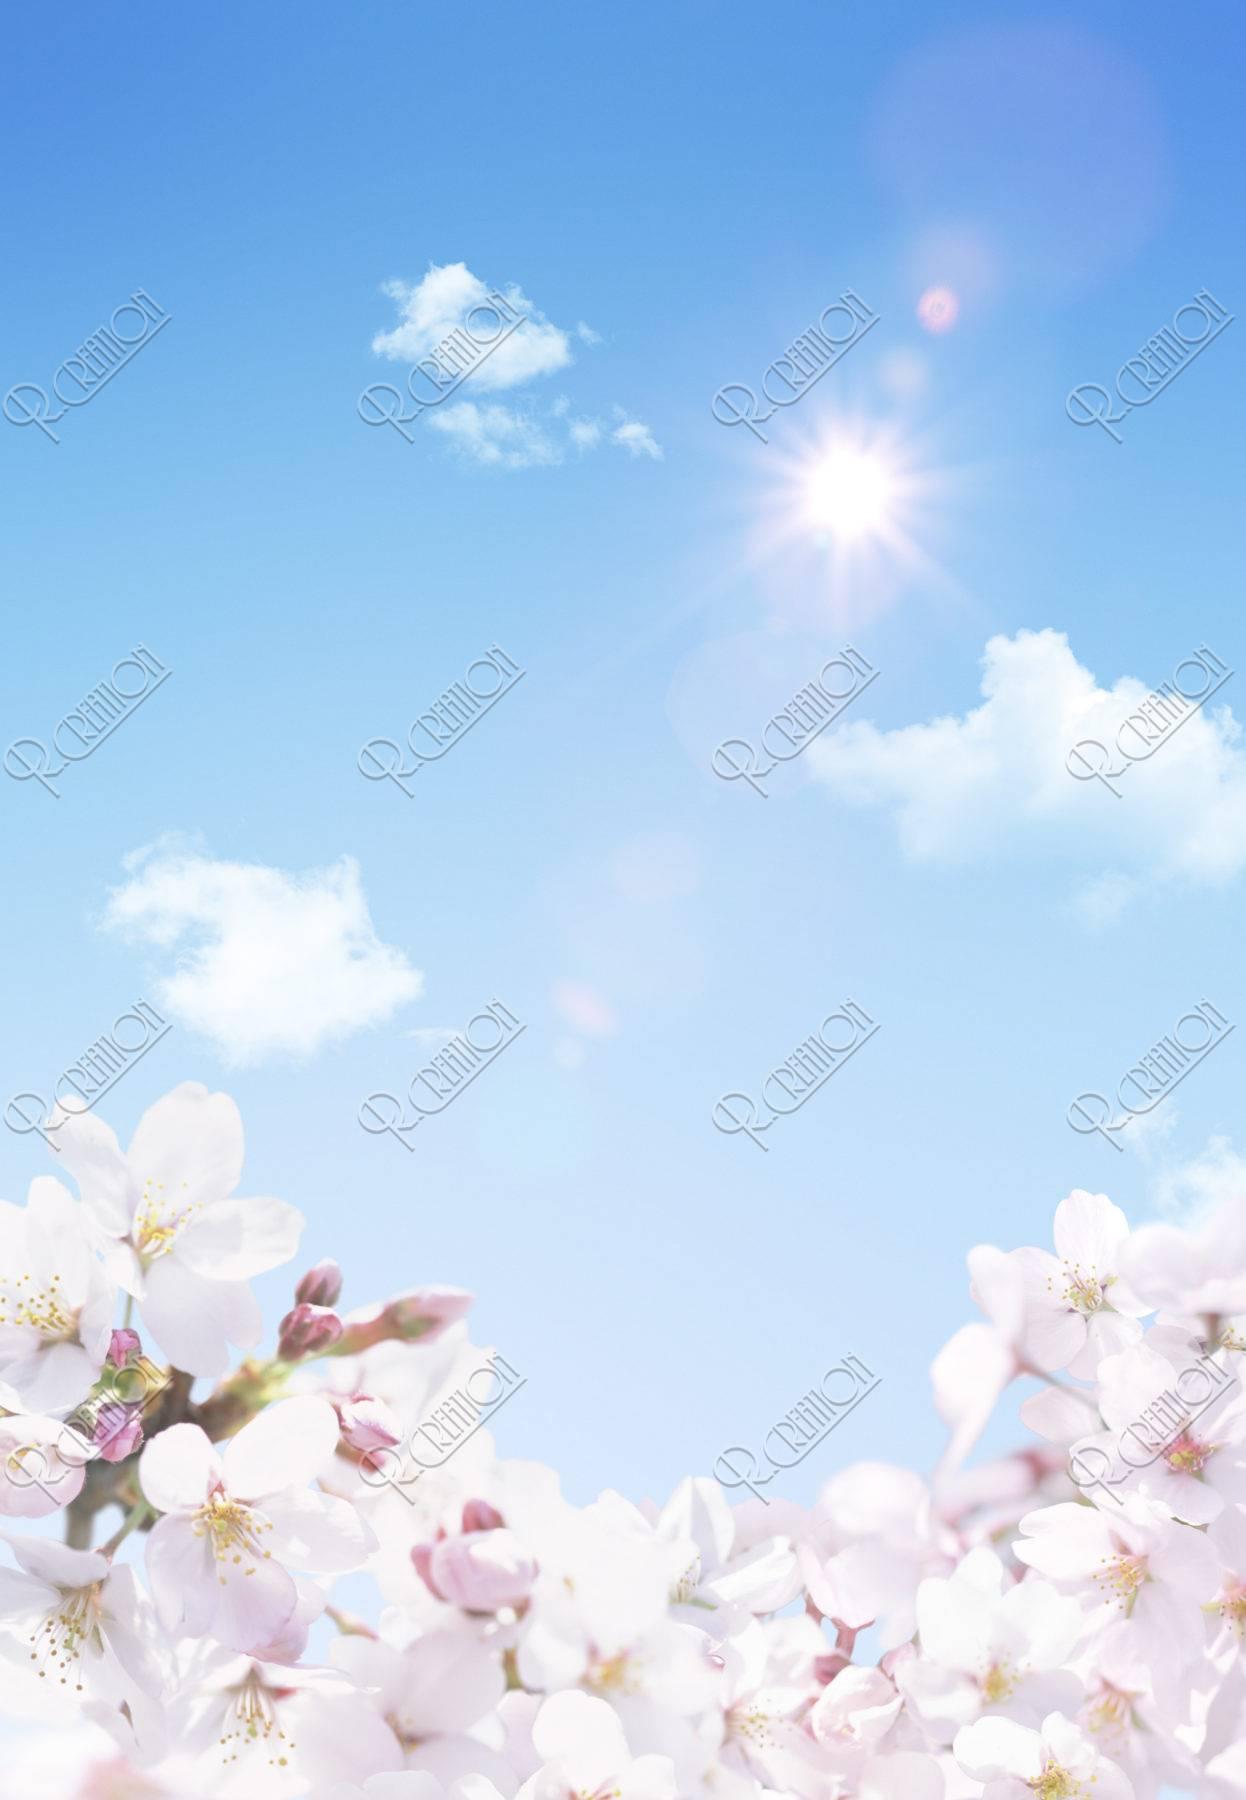 青空と桜に射す太陽の光